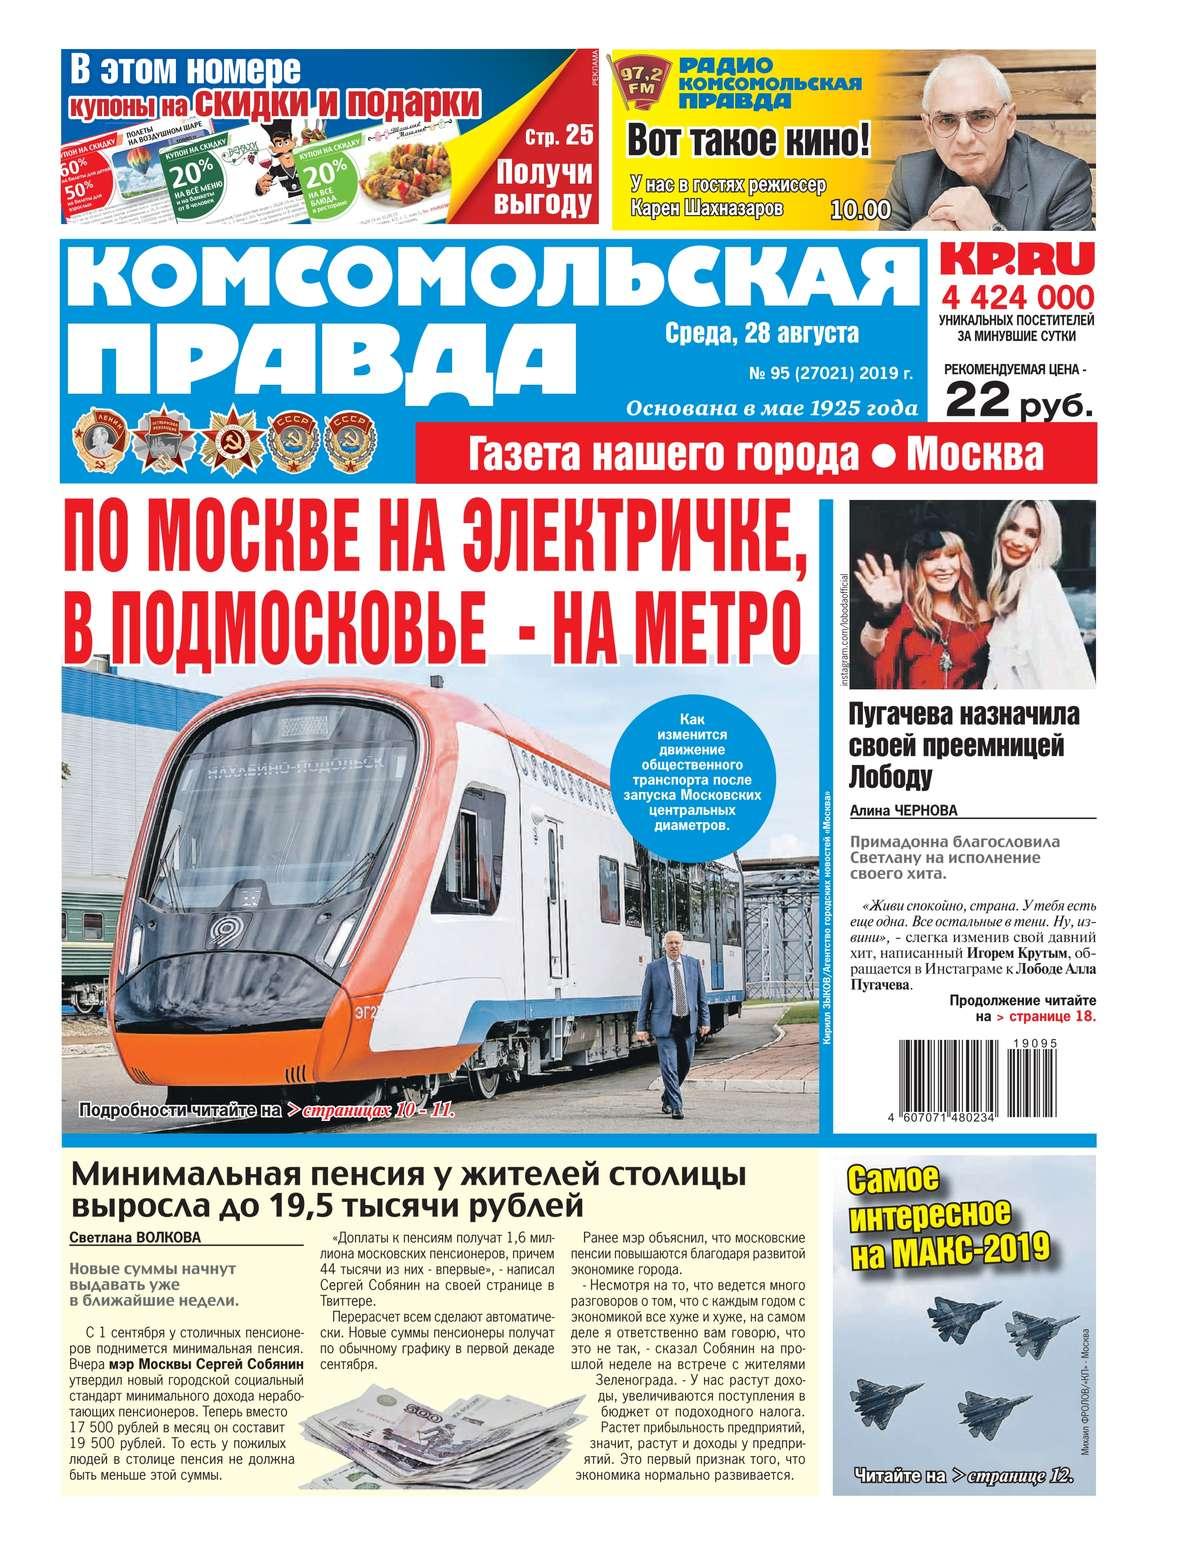 Комсомольская Правда. Москва 95-2019